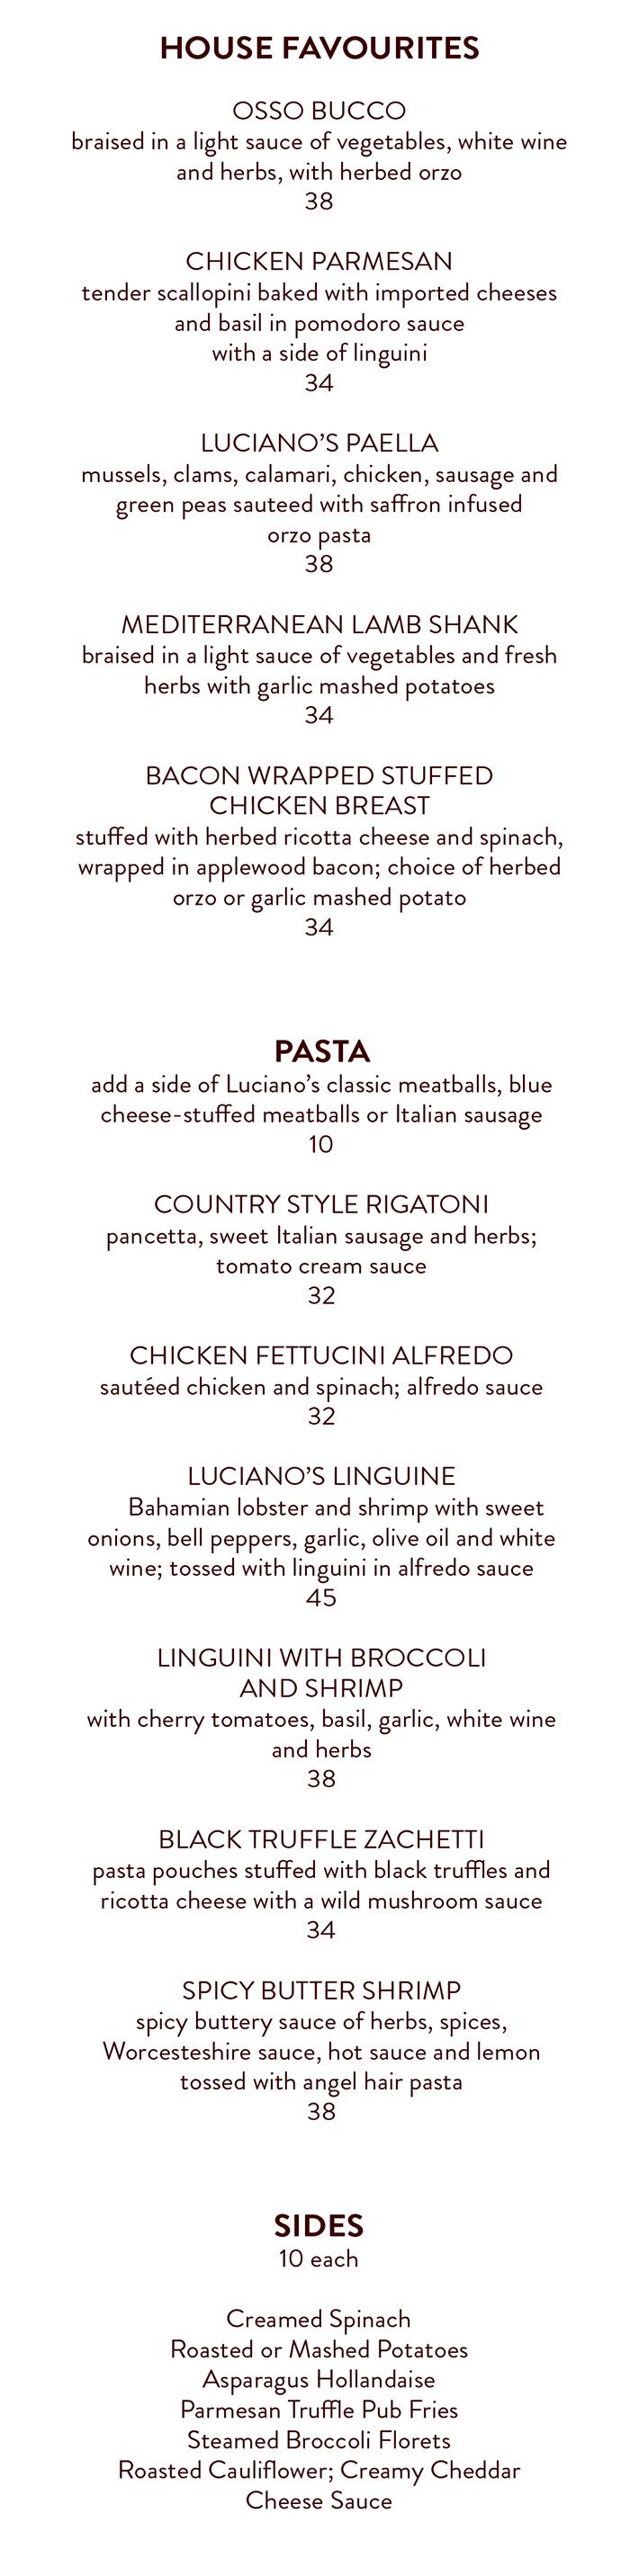 LOC Dinner Menu 2019 - Favs